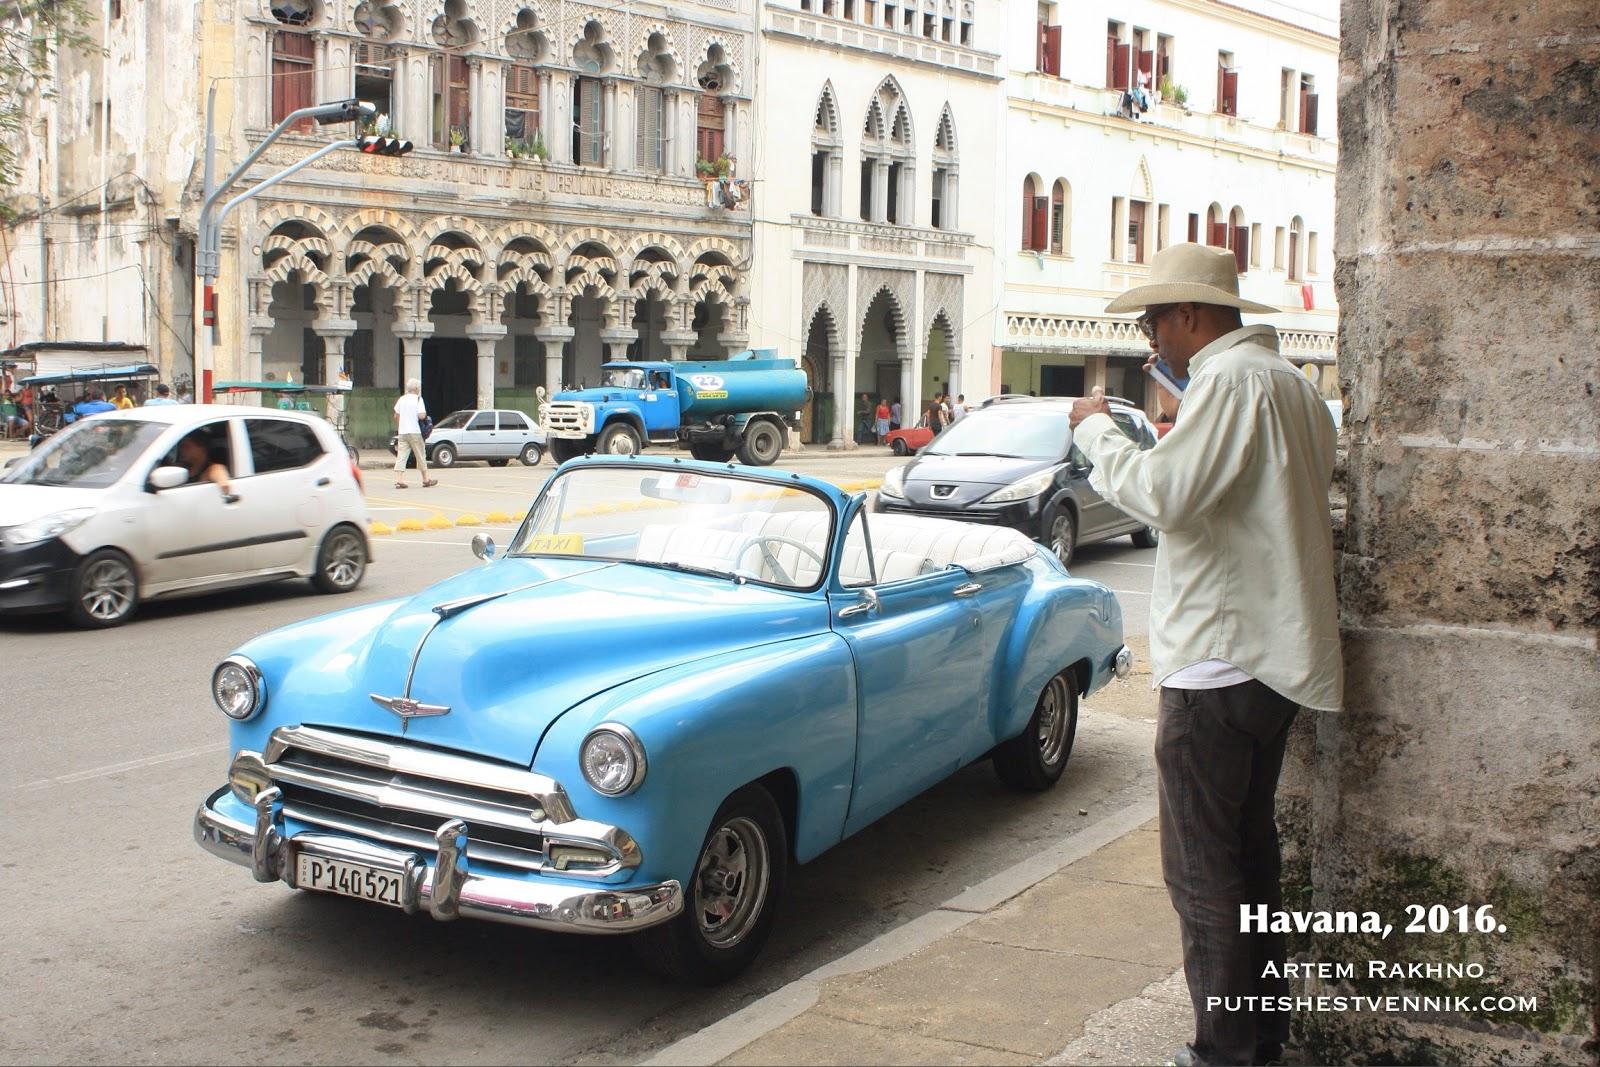 Кубинец в шляпе и старое авто